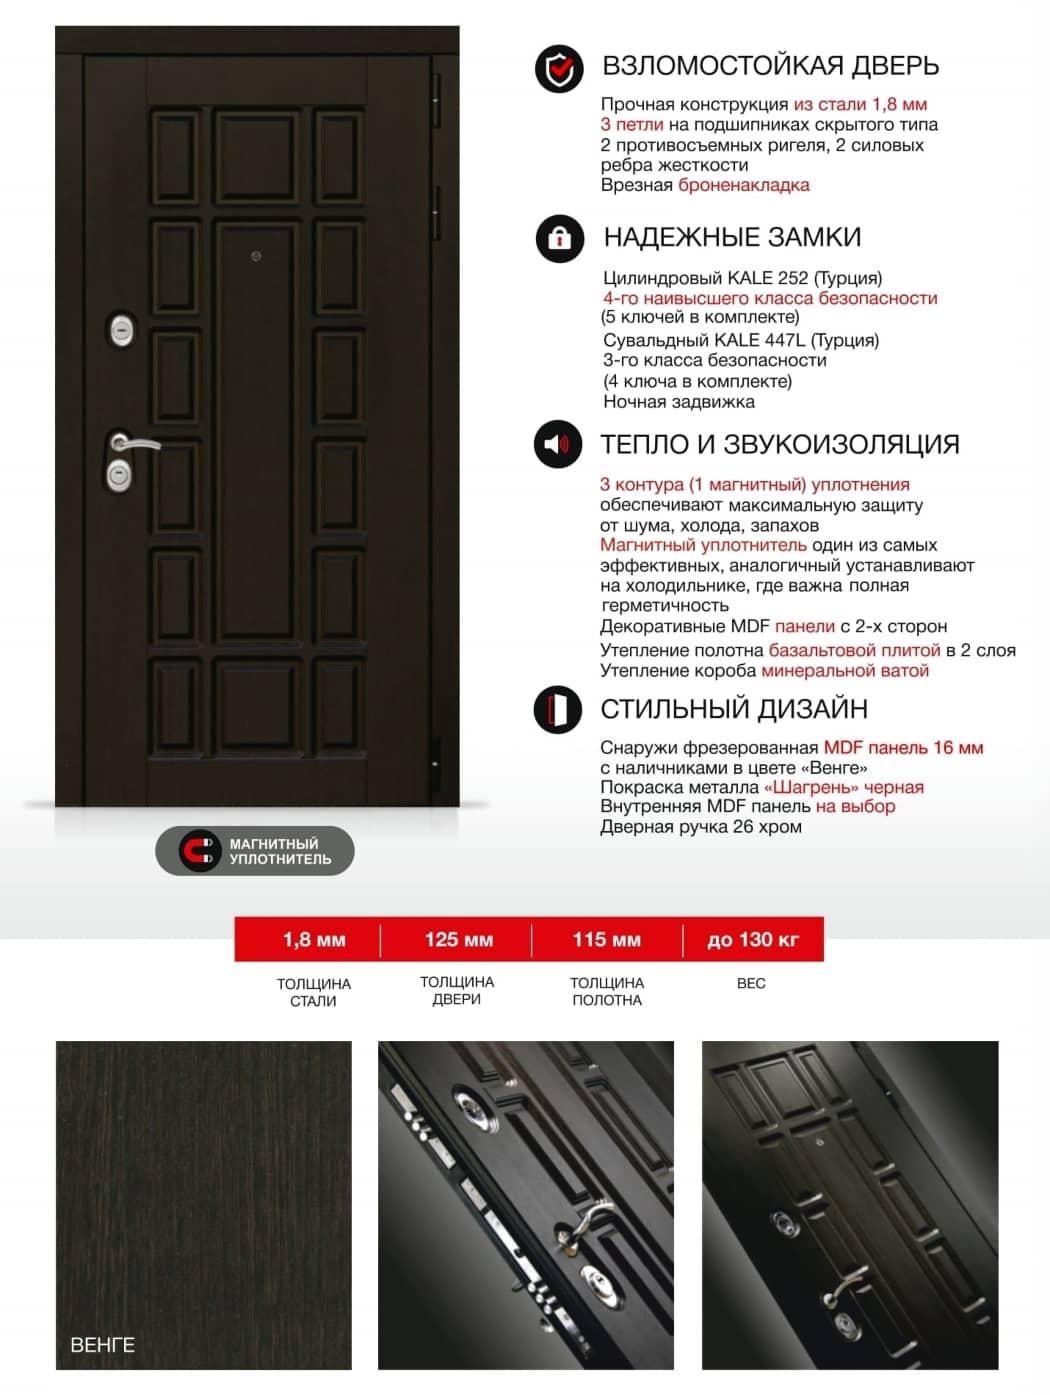 двери new york,входная дверь new york, двери лабиринт new york, new york labirint дверь